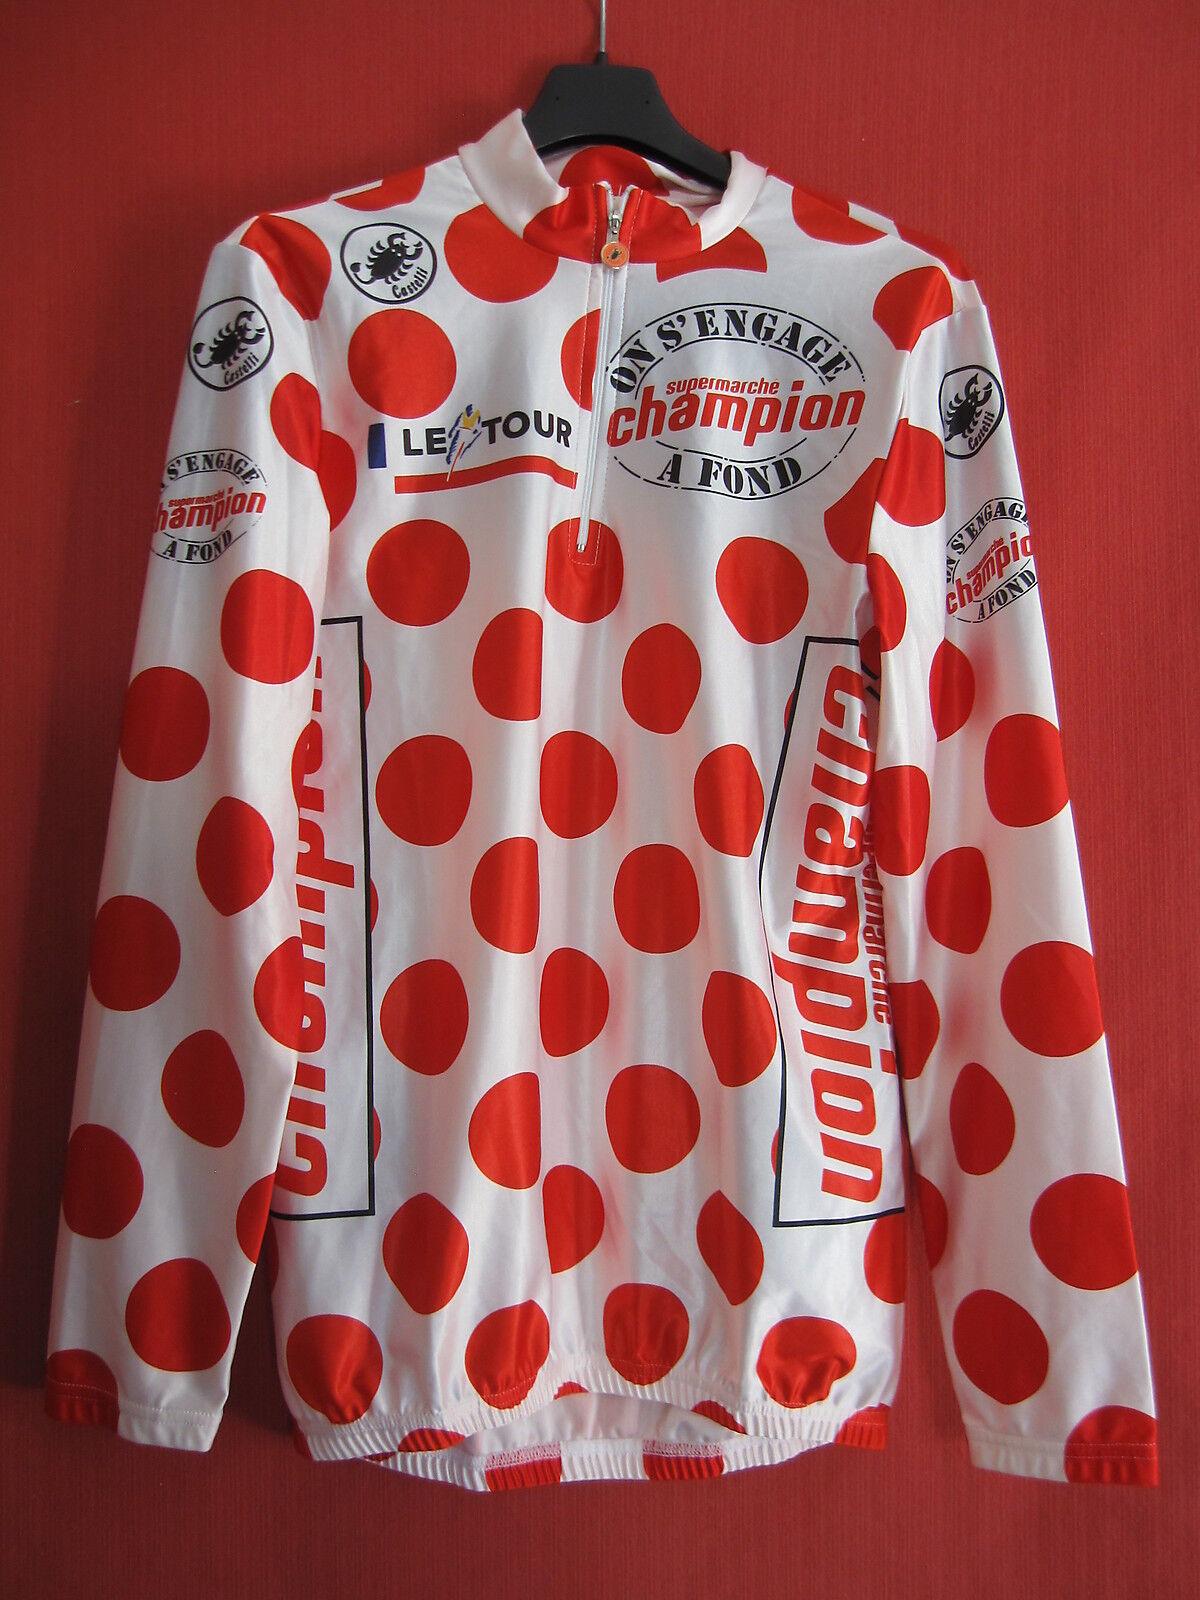 Maillot cycliste à pois Castelli tour France Champion Manche Longue Vintage - 3